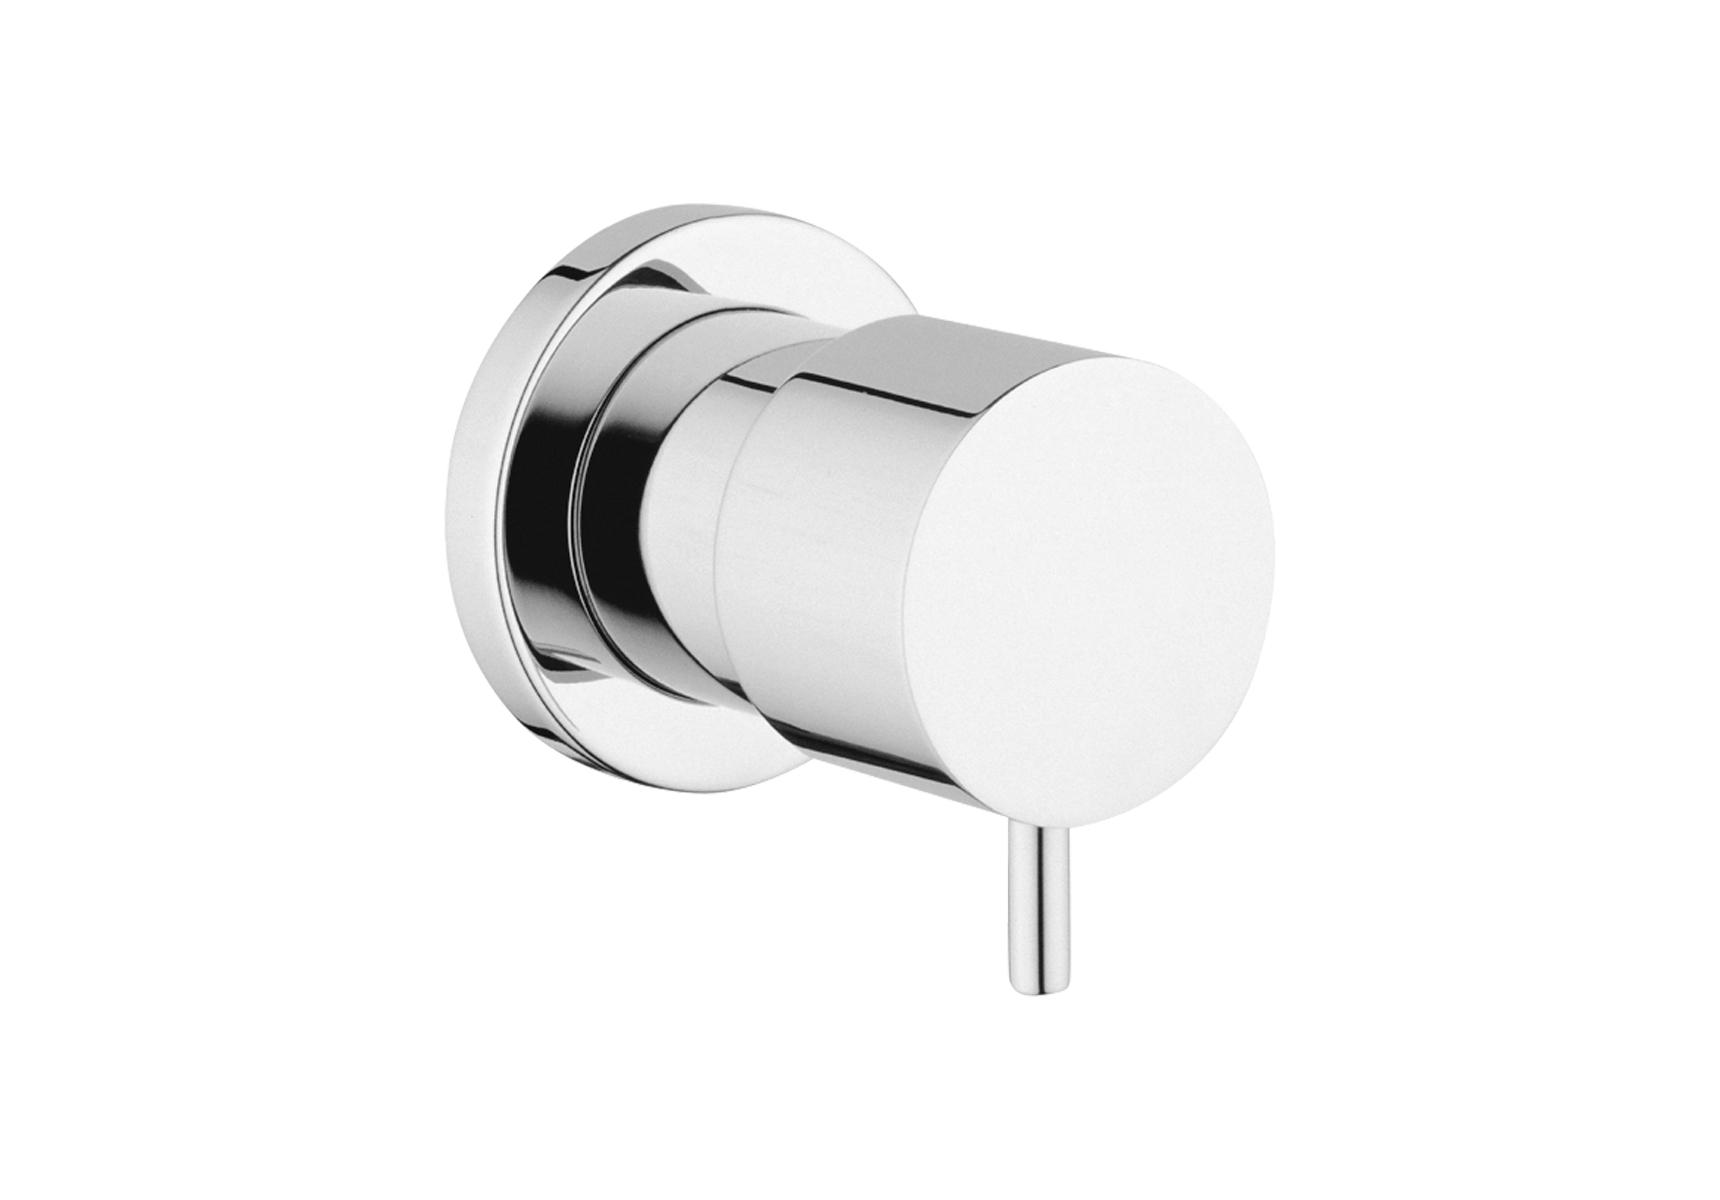 Minimax S robinet d'arrêt, montage encastré